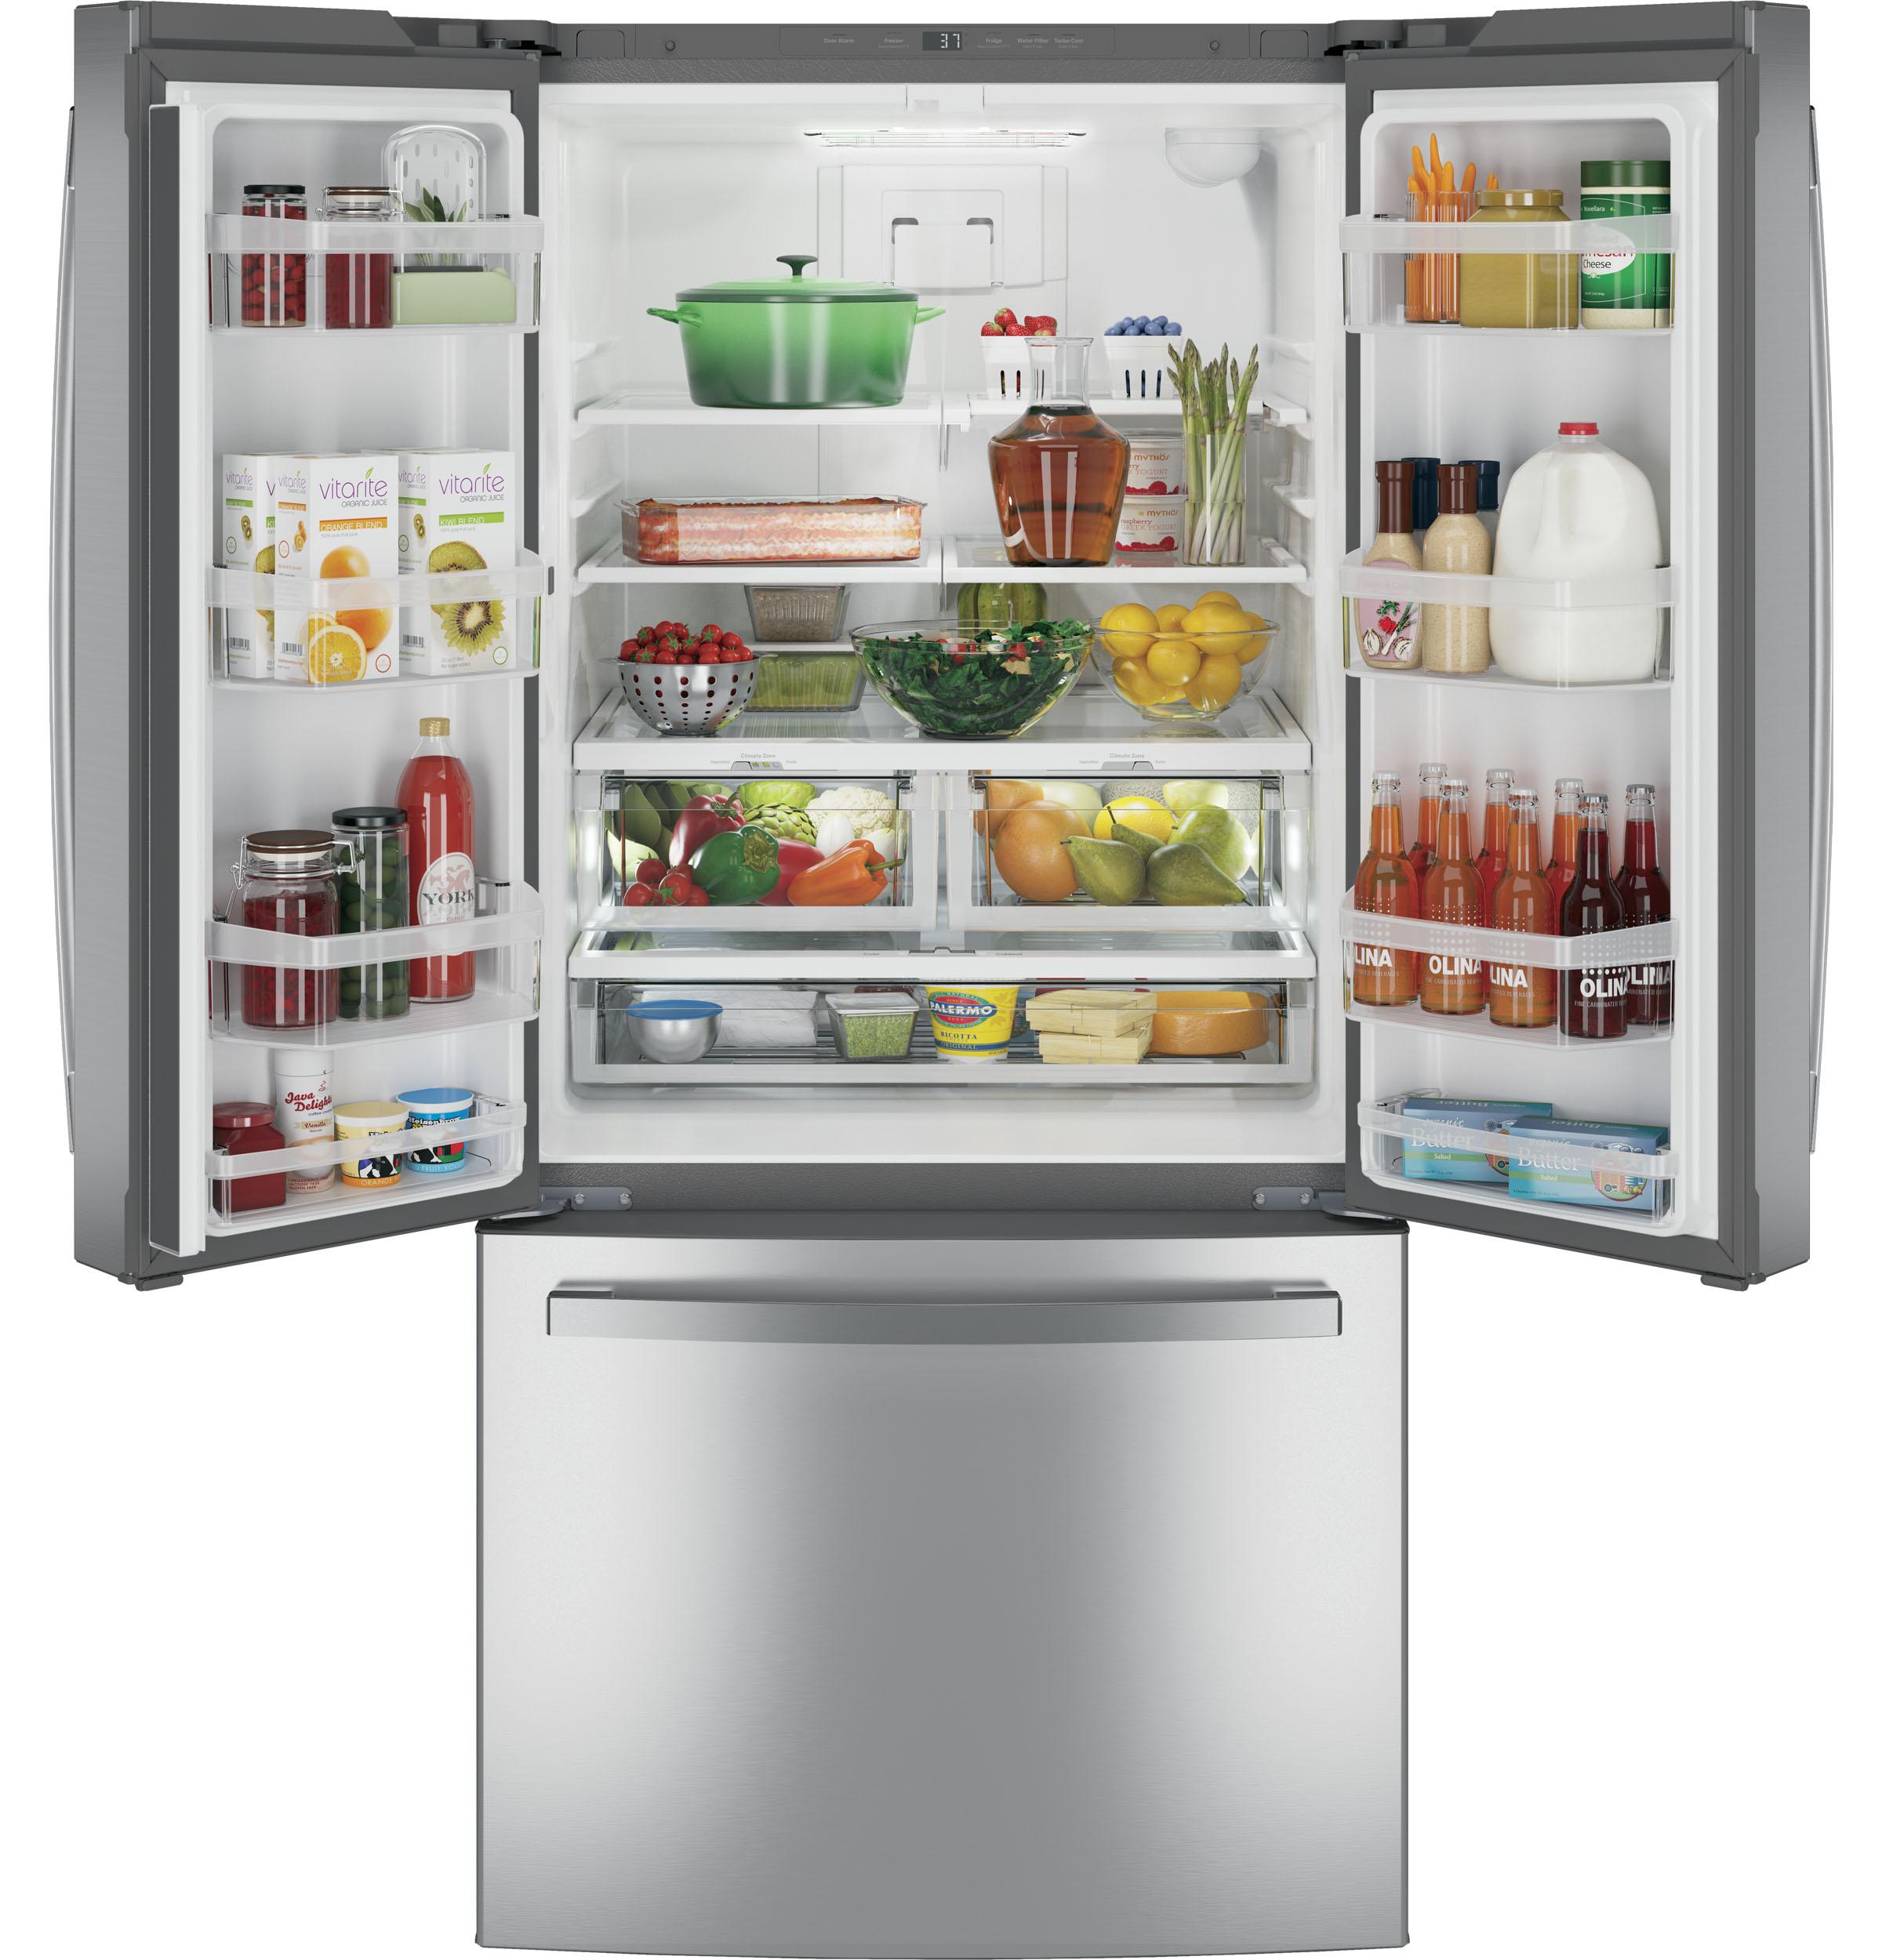 Model: GNE25JSKSS   GE GE® ENERGY STAR® 24.7 Cu. Ft. French-Door Refrigerator